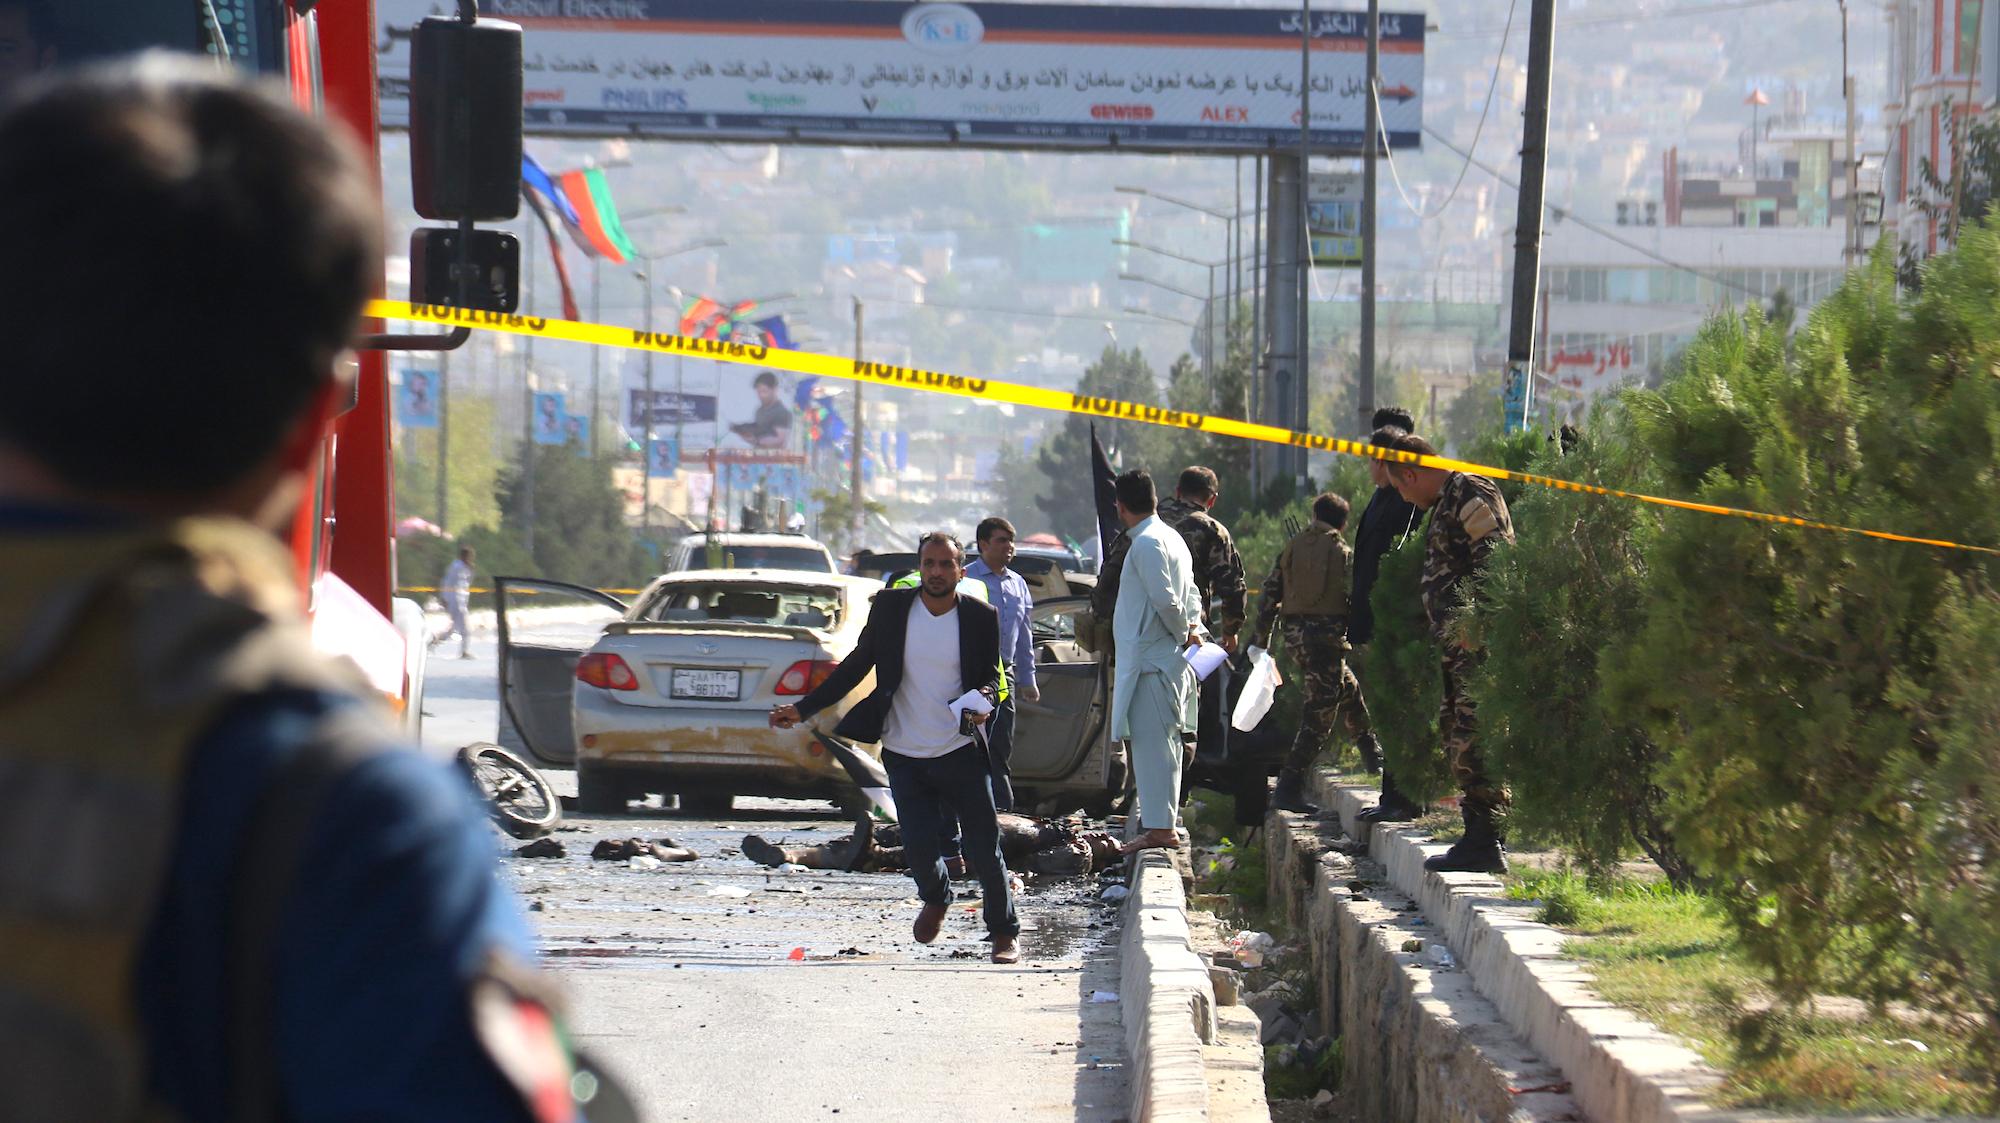 داعش مسؤولیت بم گذاری انتحاری یکشنبه در کابل را بر دوش گرفت